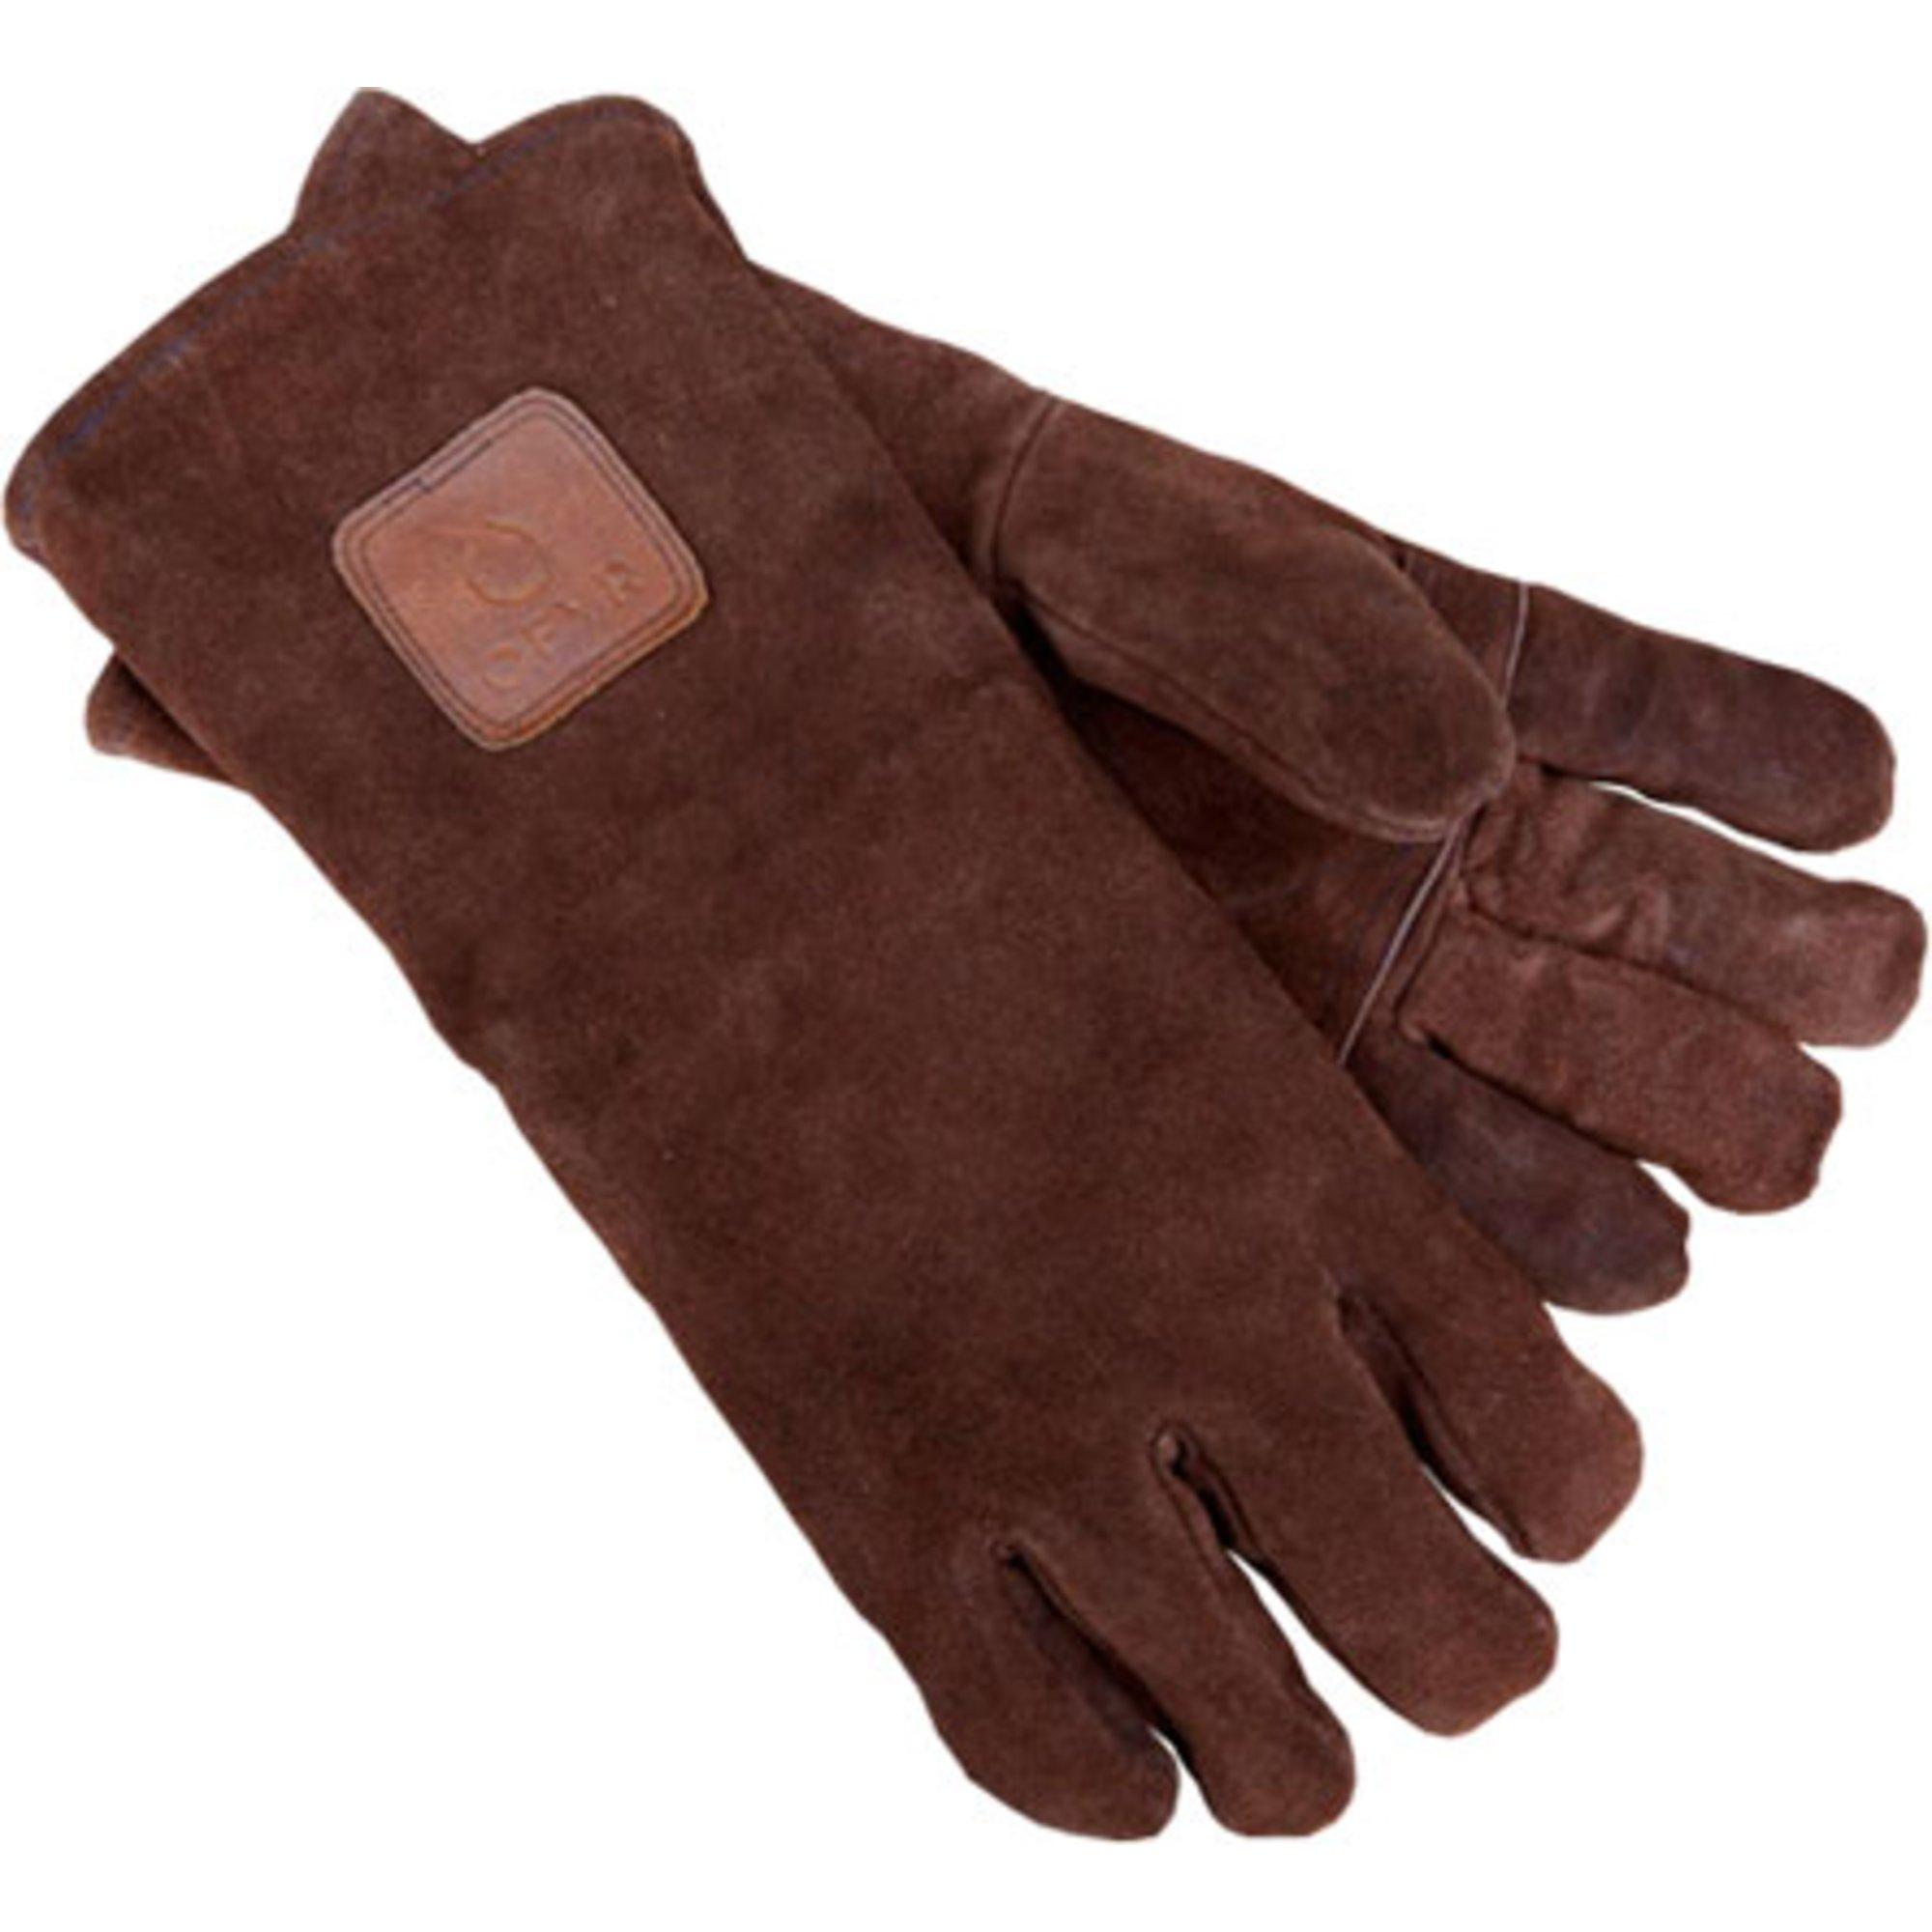 Ofyr Gloves 2-pack